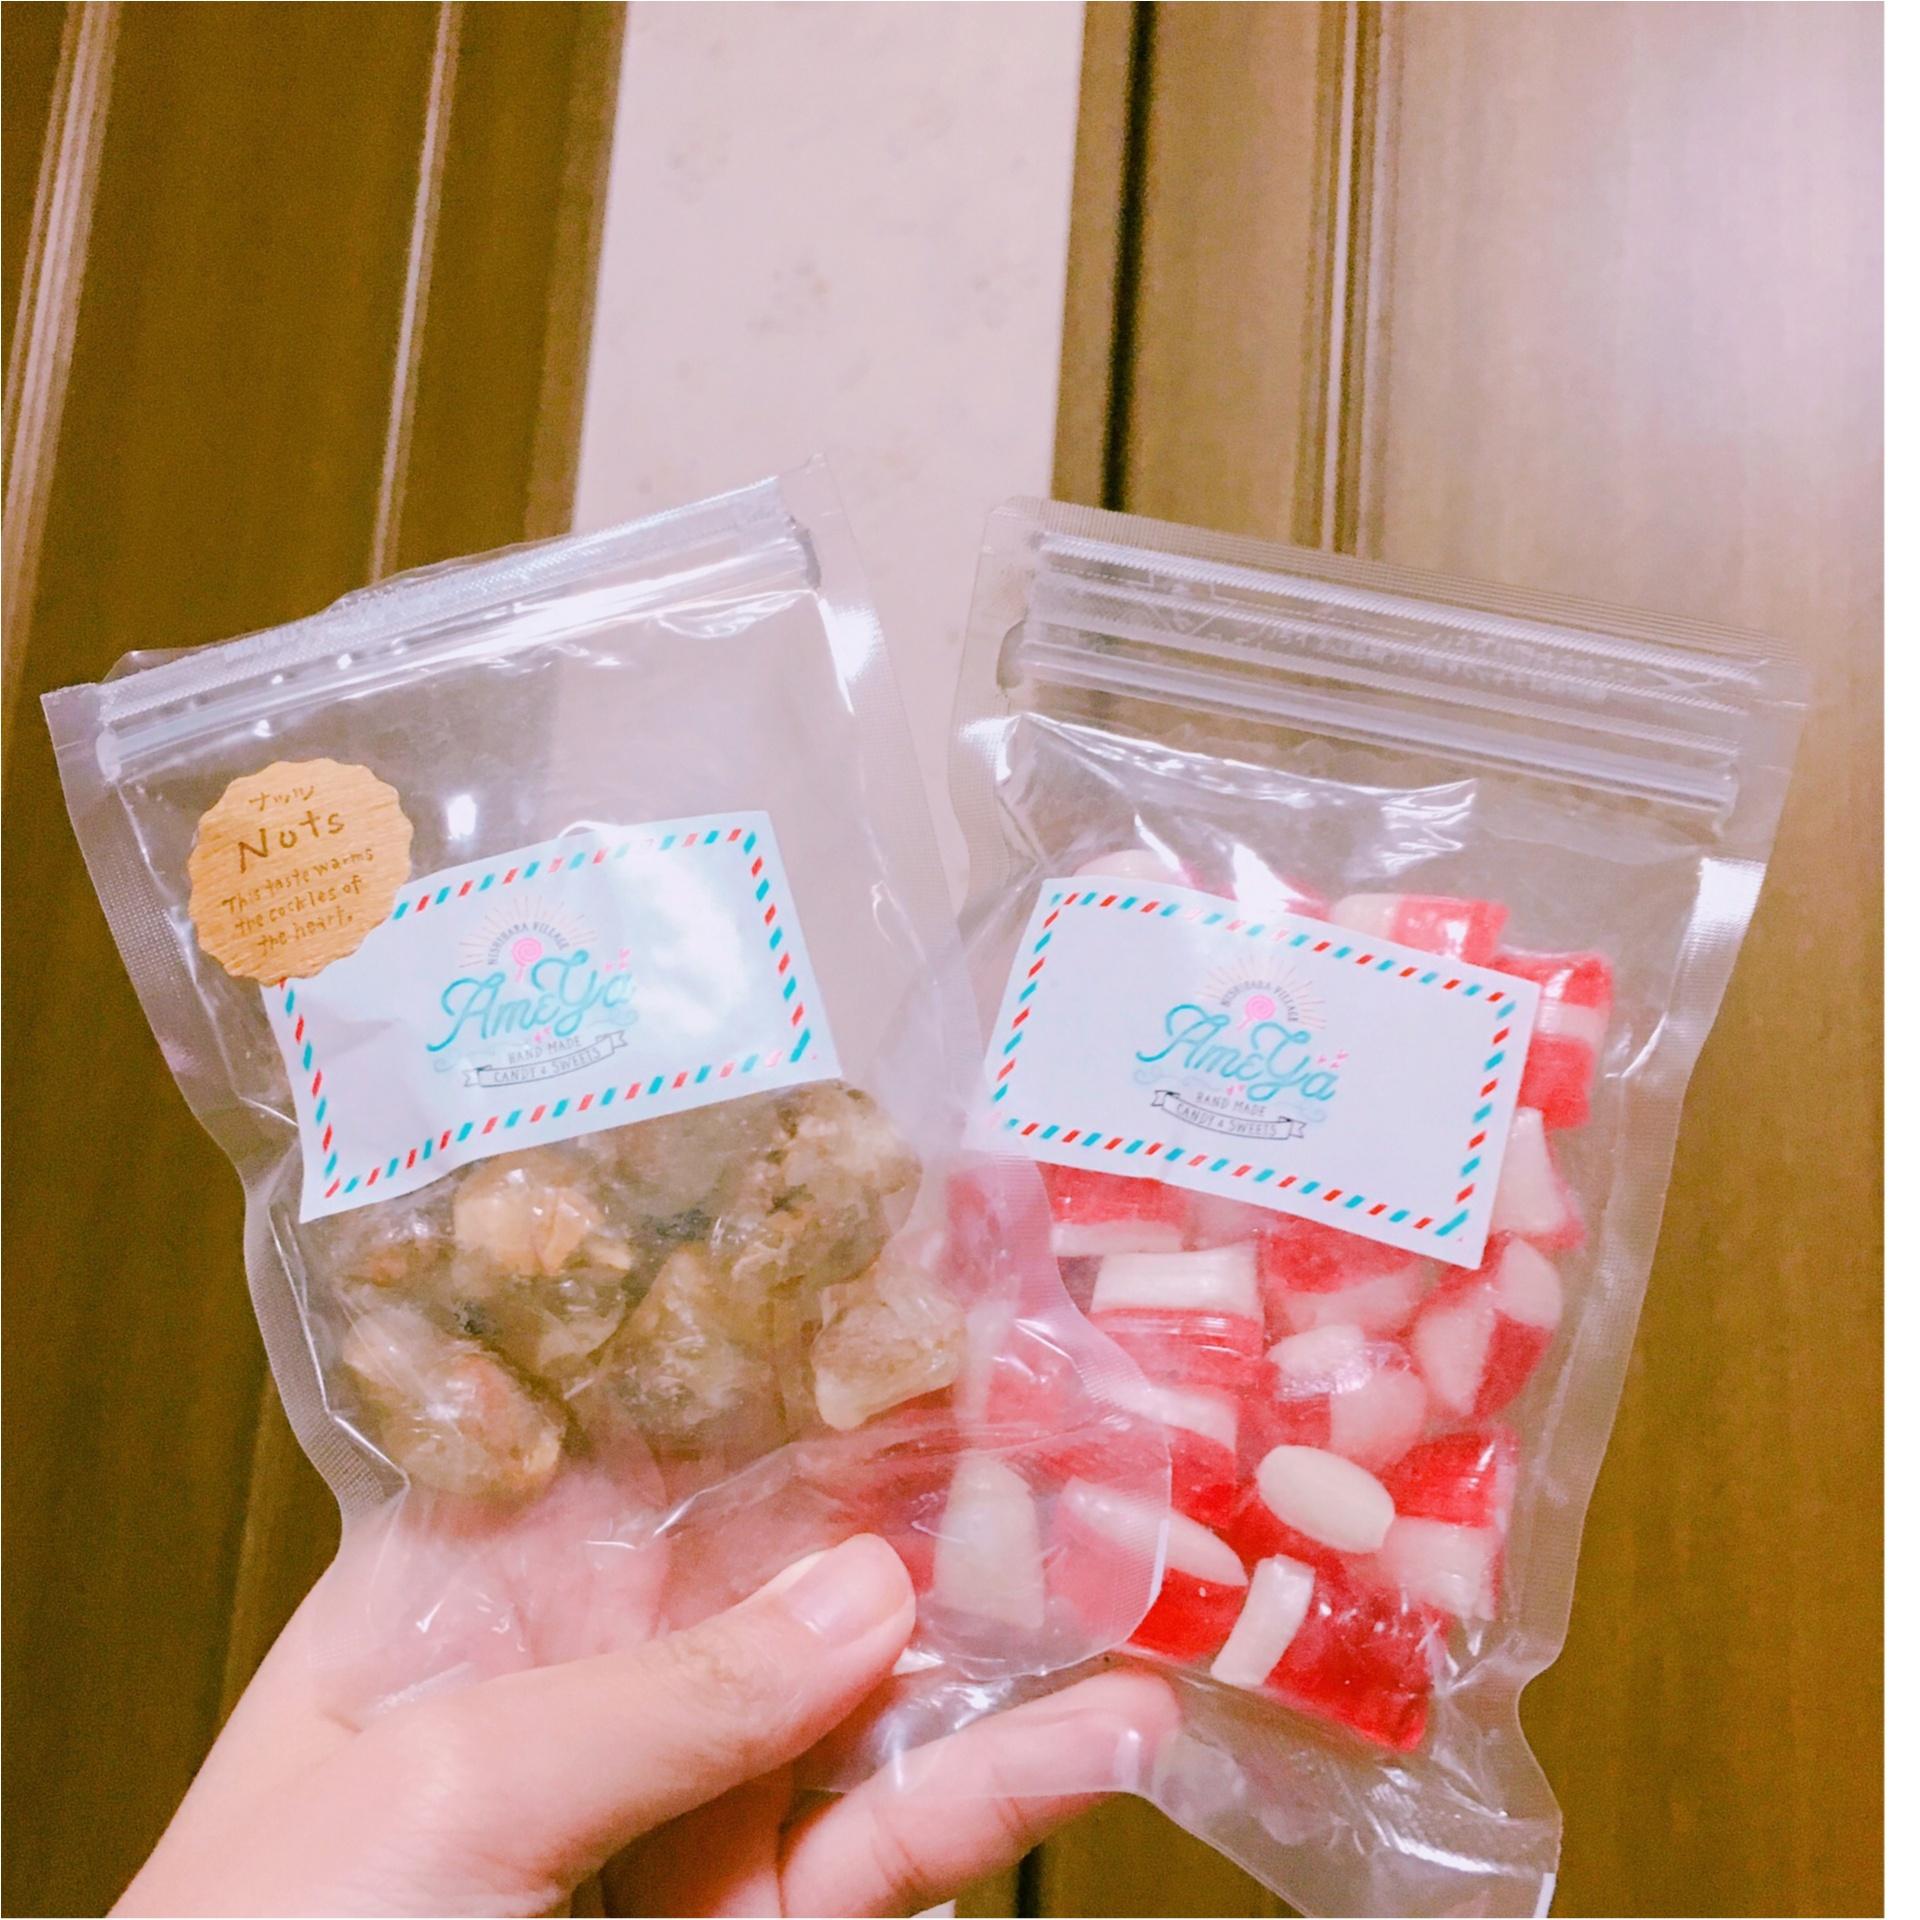 熊本阿蘇で見つけた可愛い手作り飴屋さん!【#モアチャレ 熊本の魅力発信!】_1